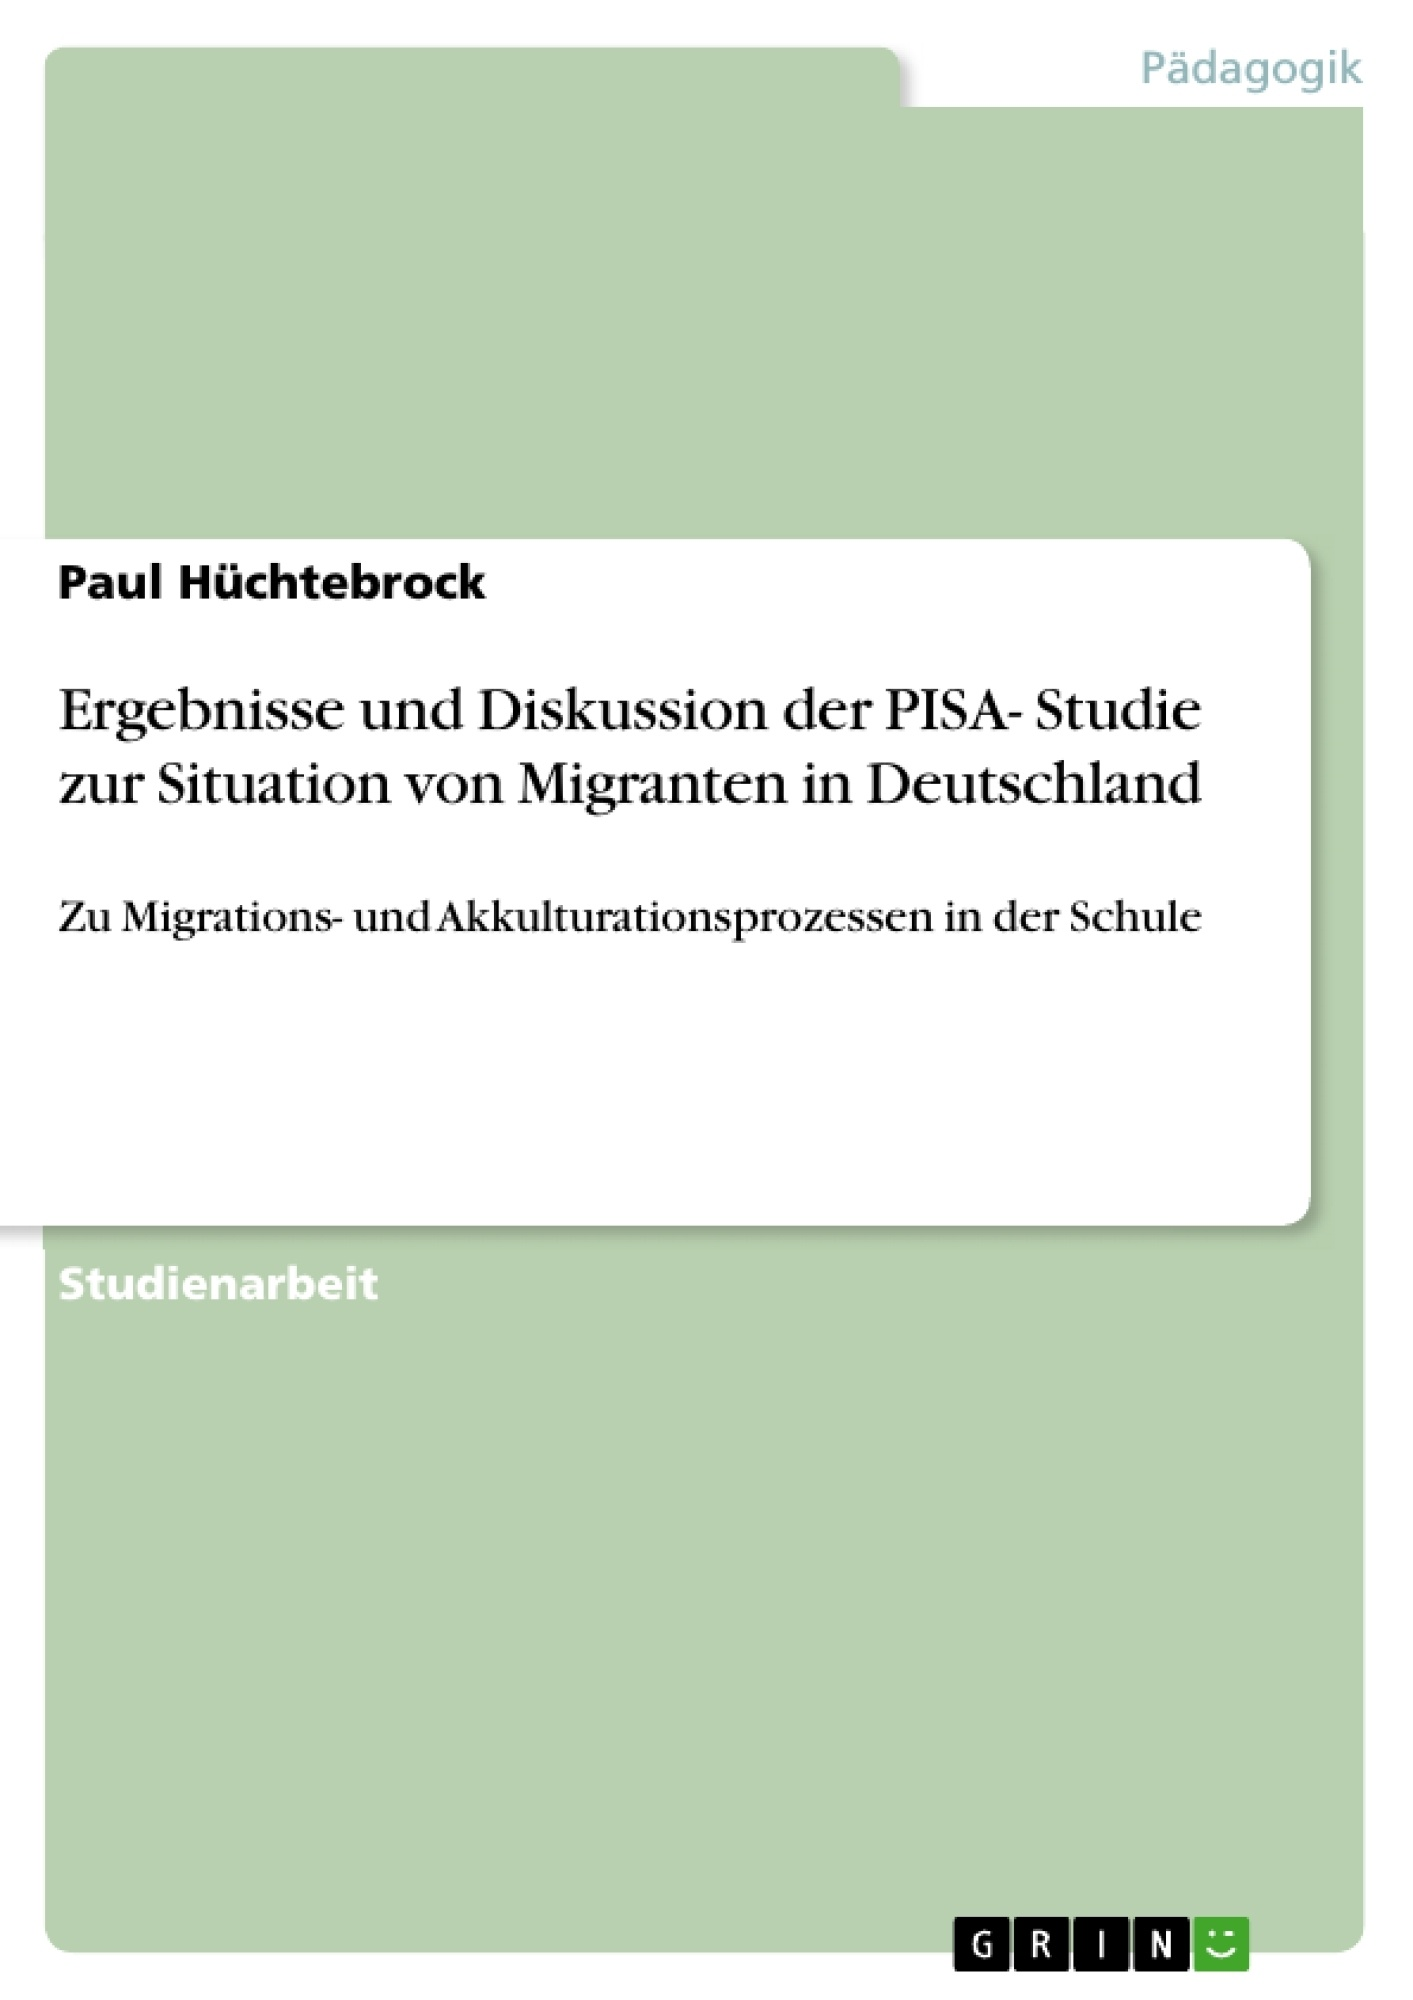 Titel: Ergebnisse und Diskussion der PISA- Studie zur Situation von Migranten in Deutschland